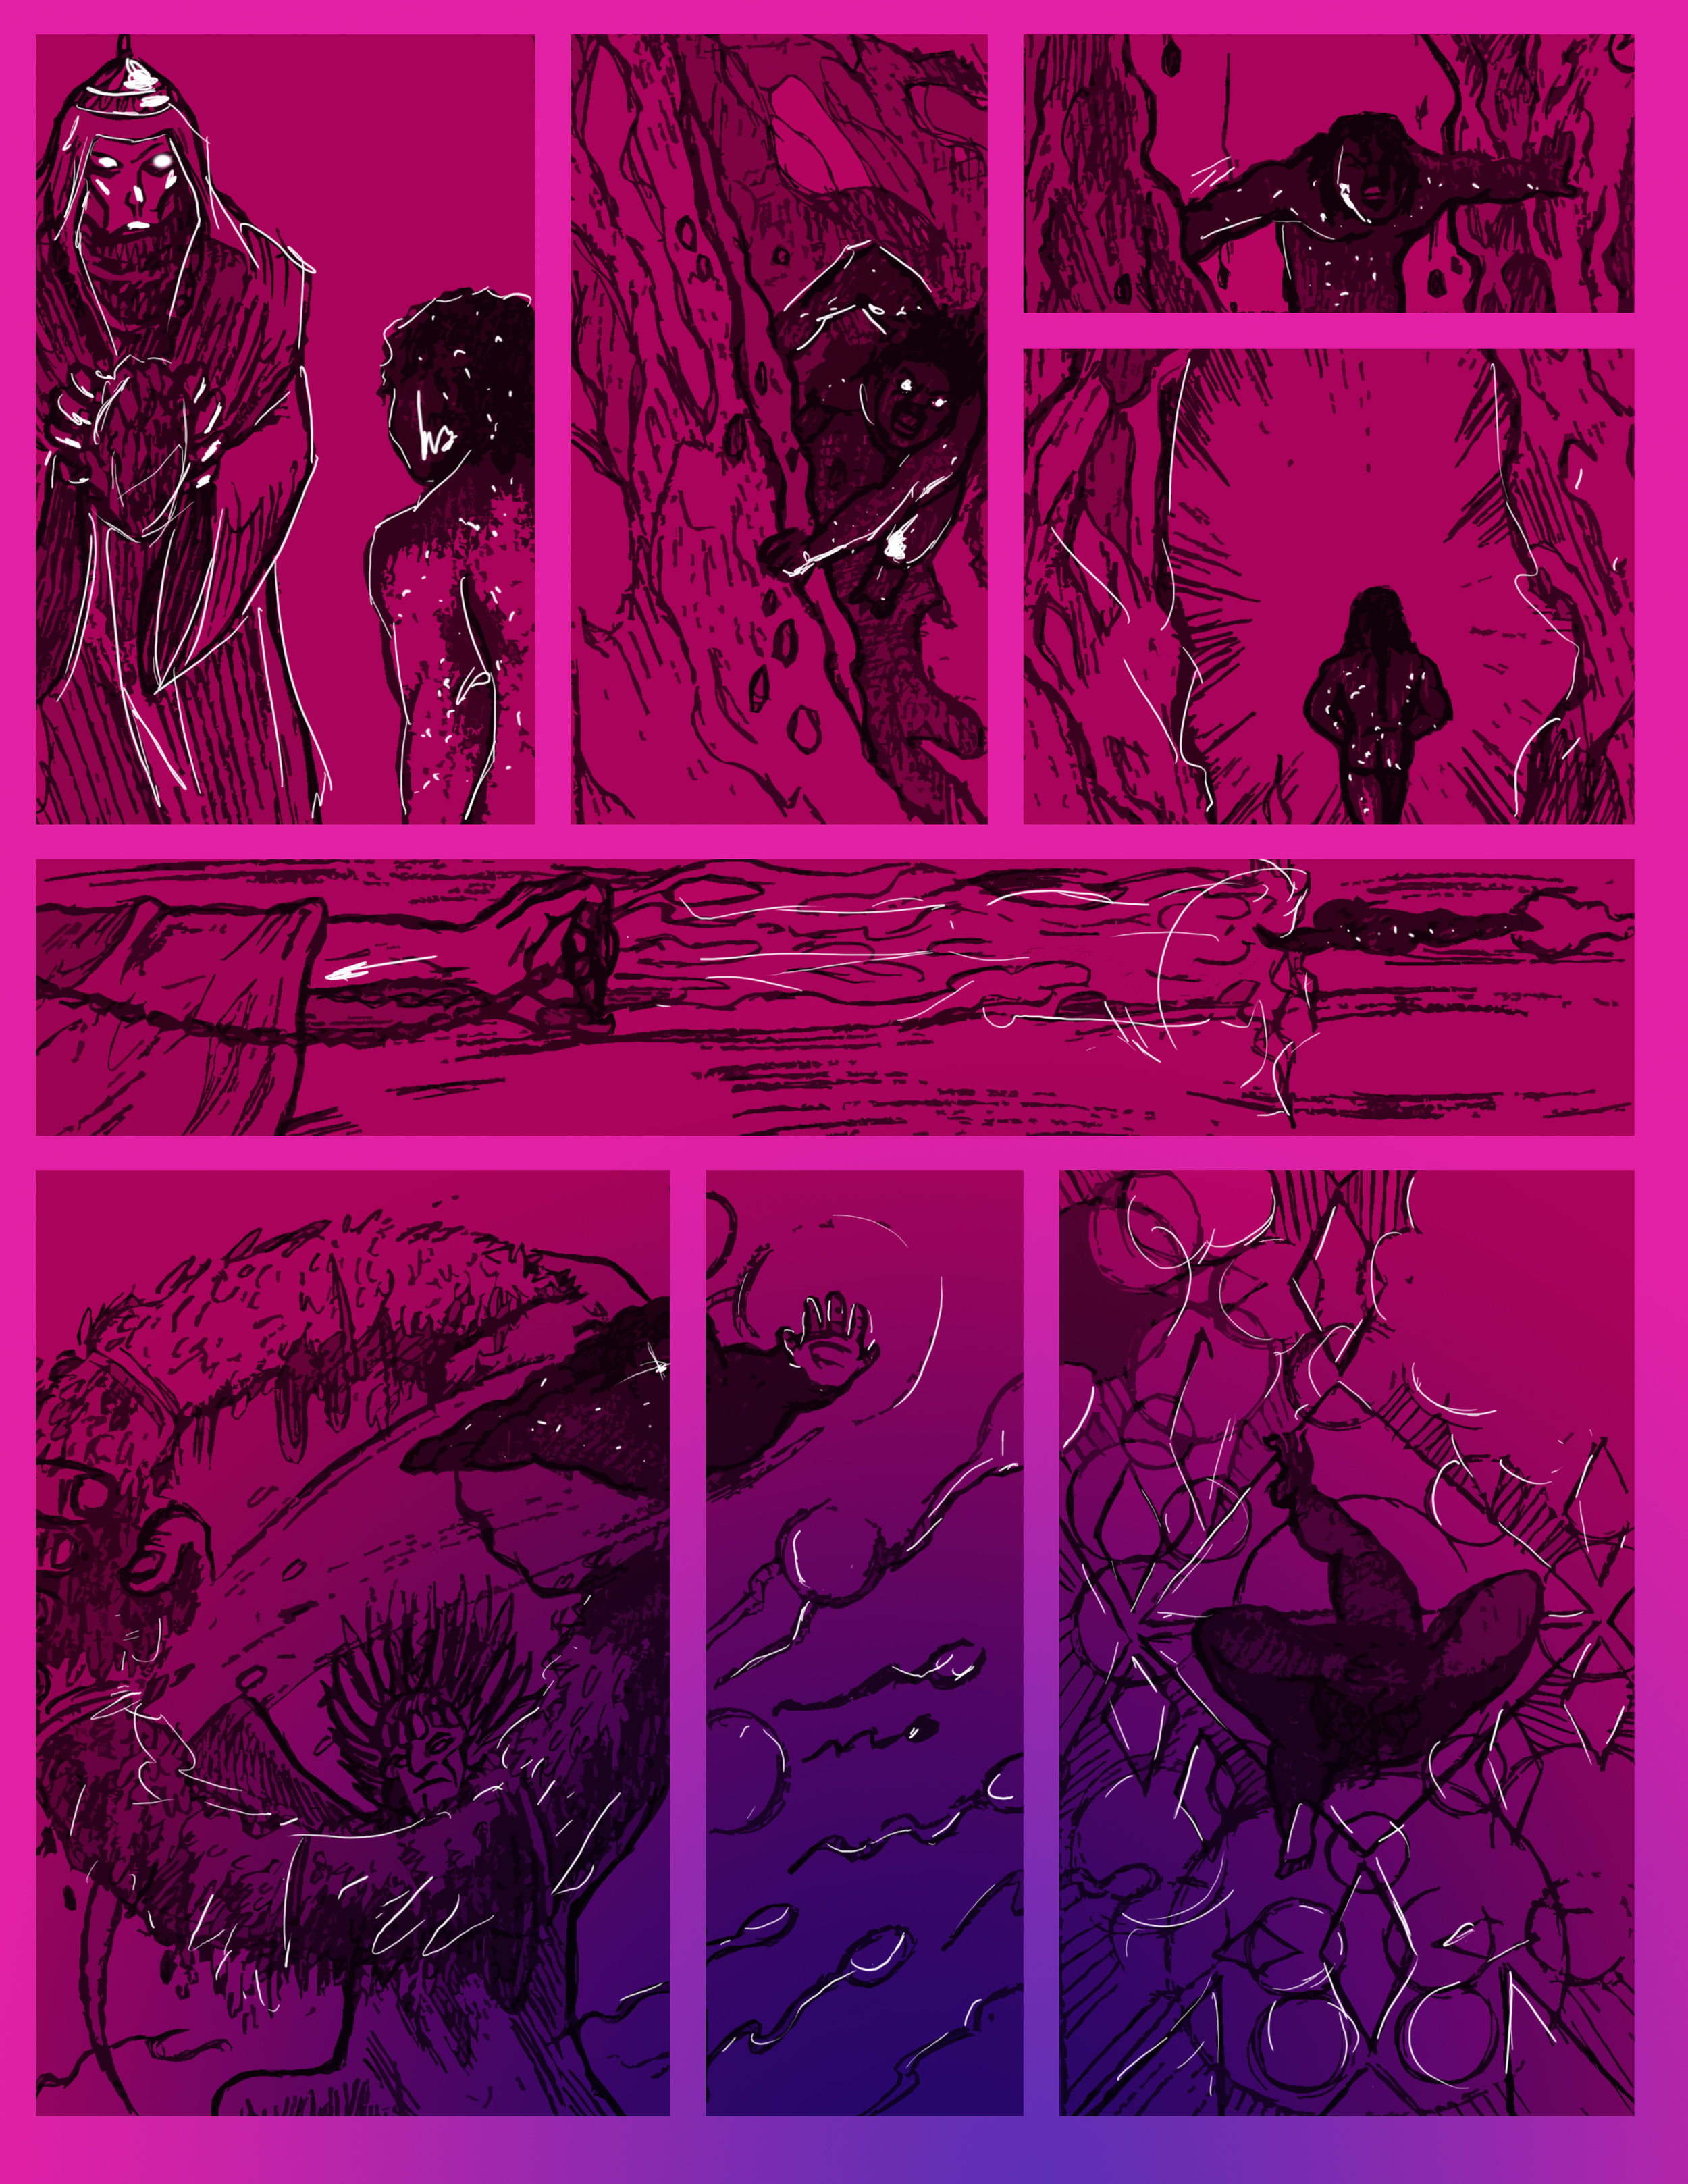 Page4_of_series.jpg